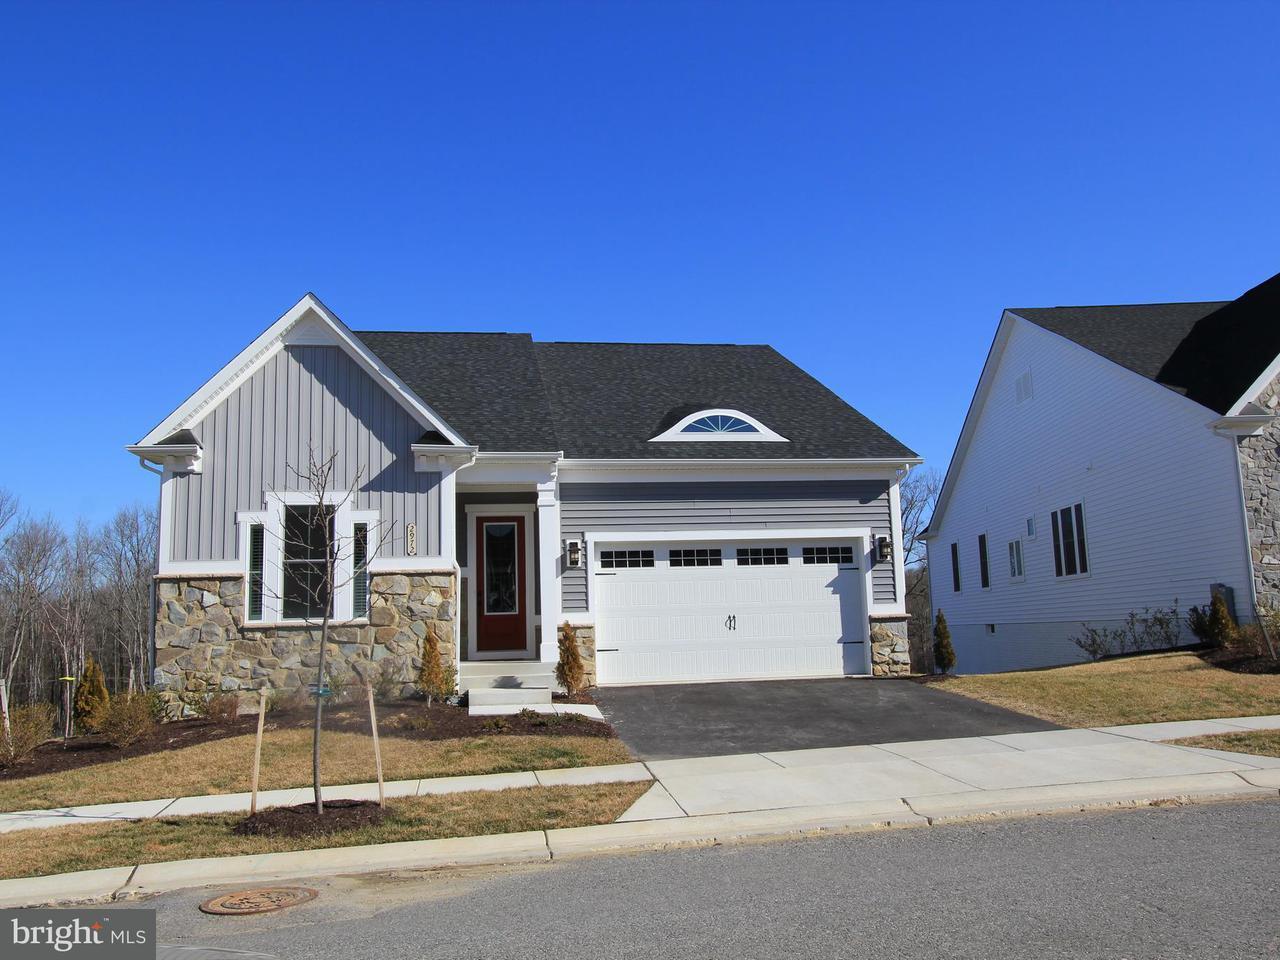 Частный односемейный дом для того Продажа на 2972 Levee Drive 2972 Levee Drive Odenton, Мэриленд 21113 Соединенные Штаты